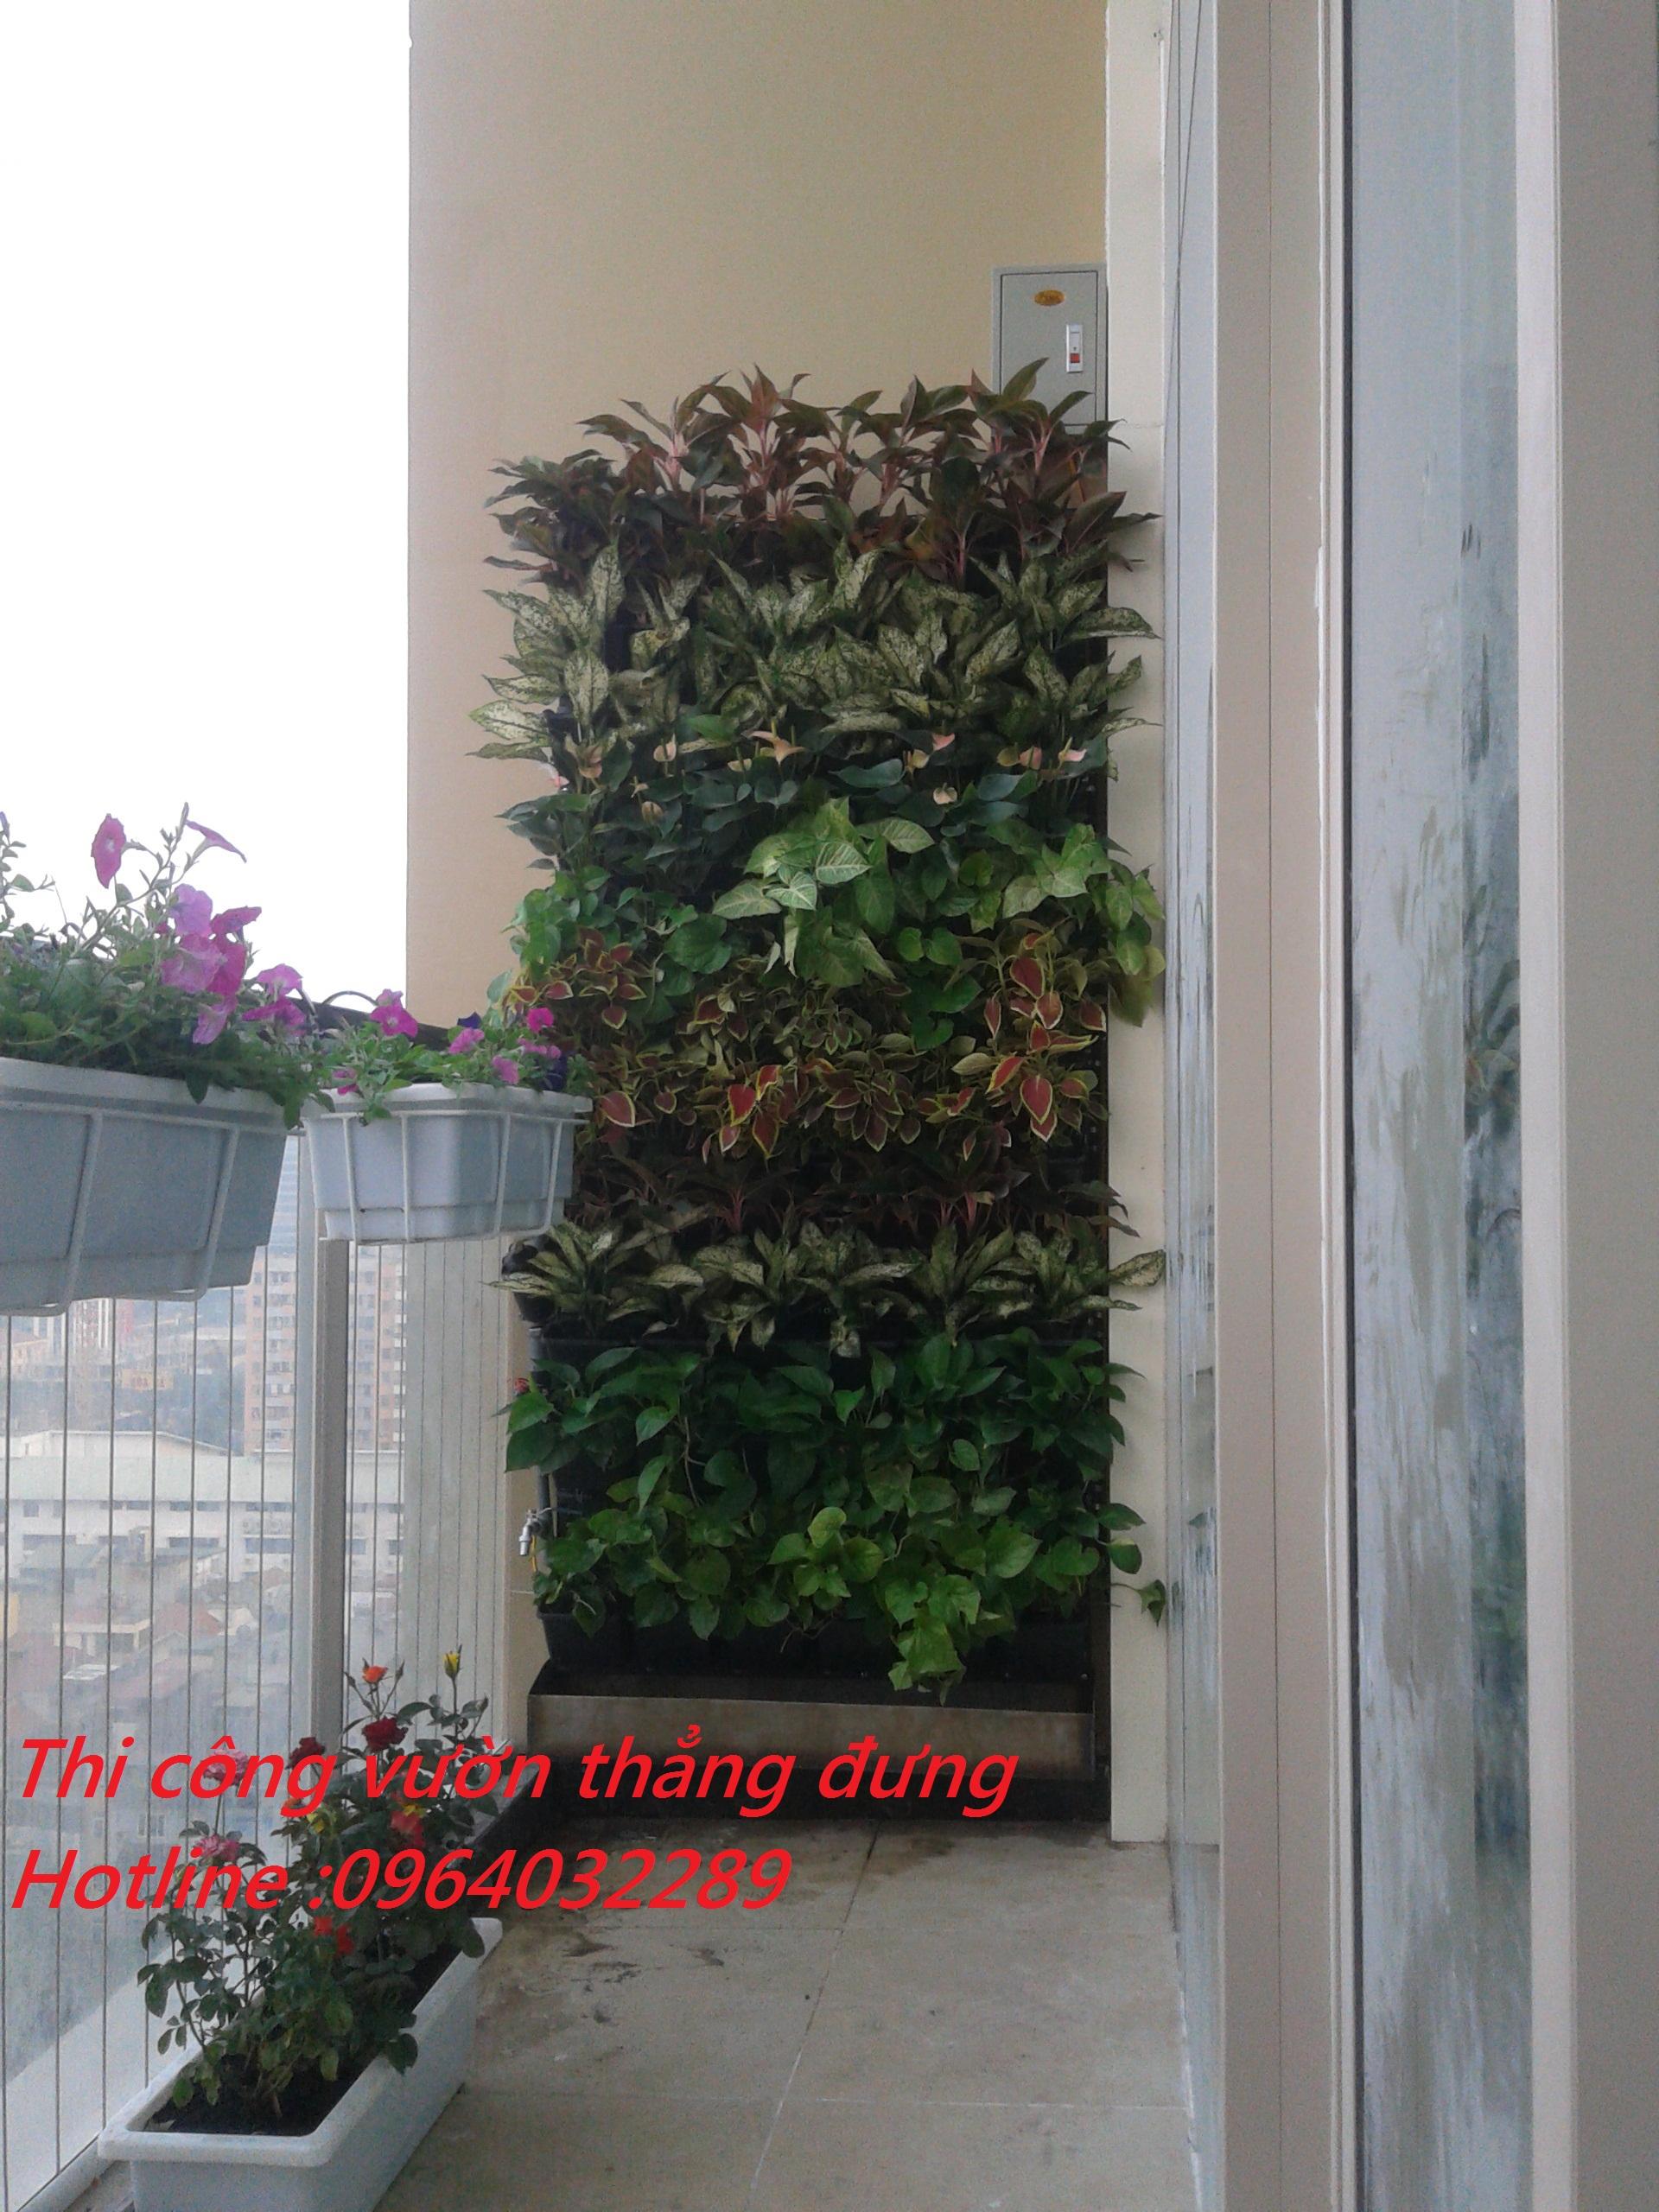 thi công vườn đứng chuyên nghiệp